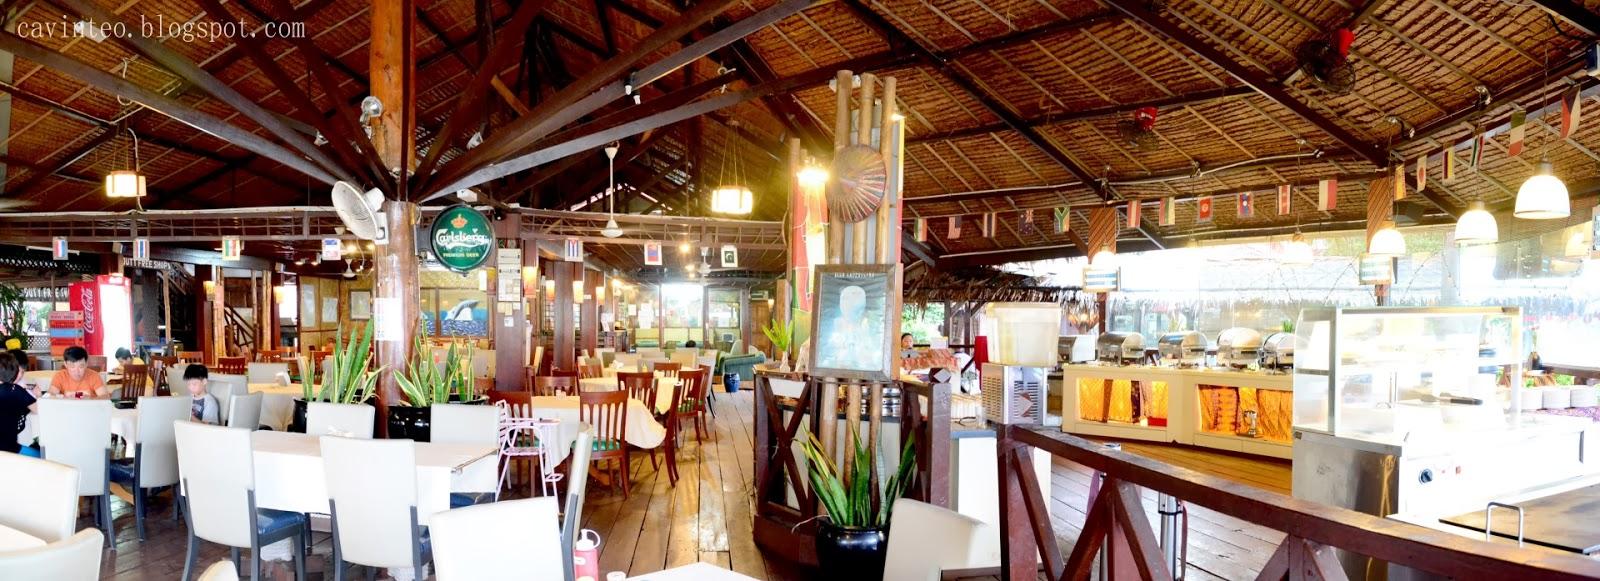 café restaurant the talk